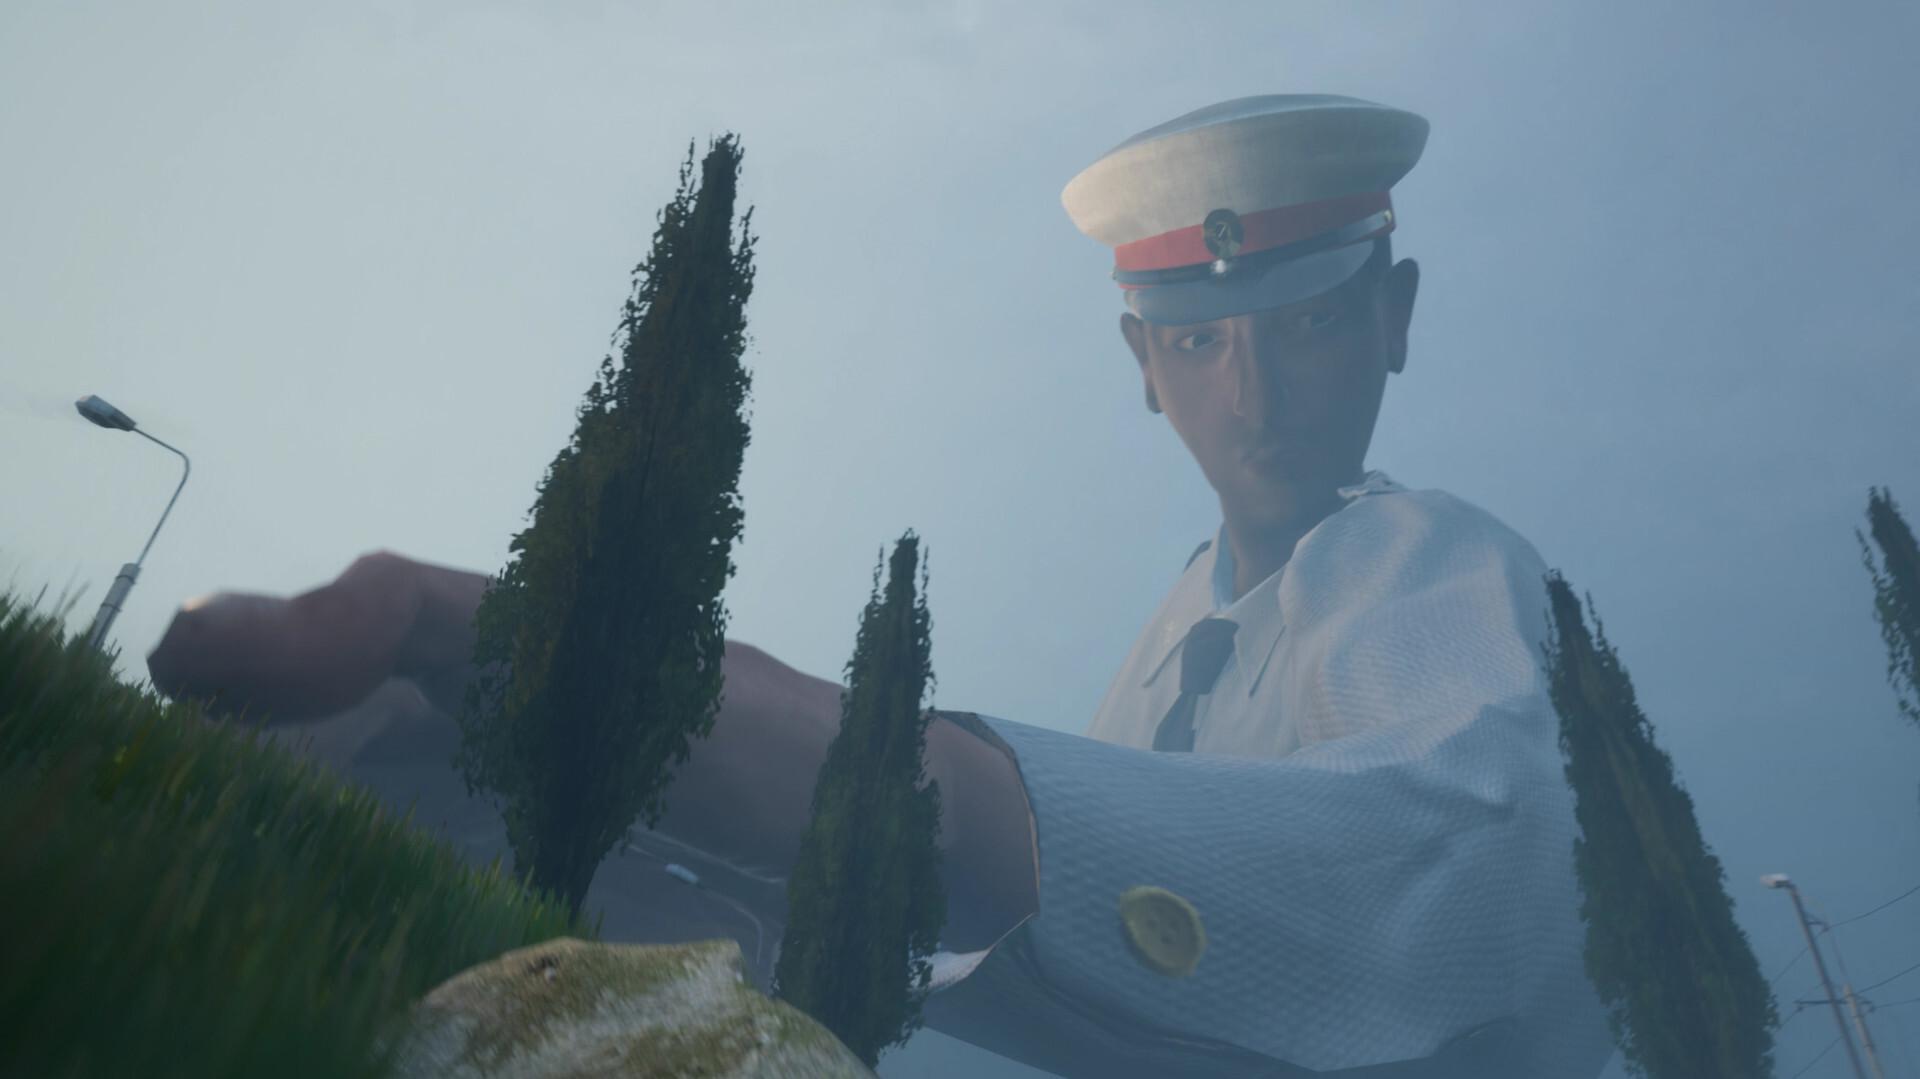 Показан трейлер игры с голосовым управлением про милиционера-гиганта